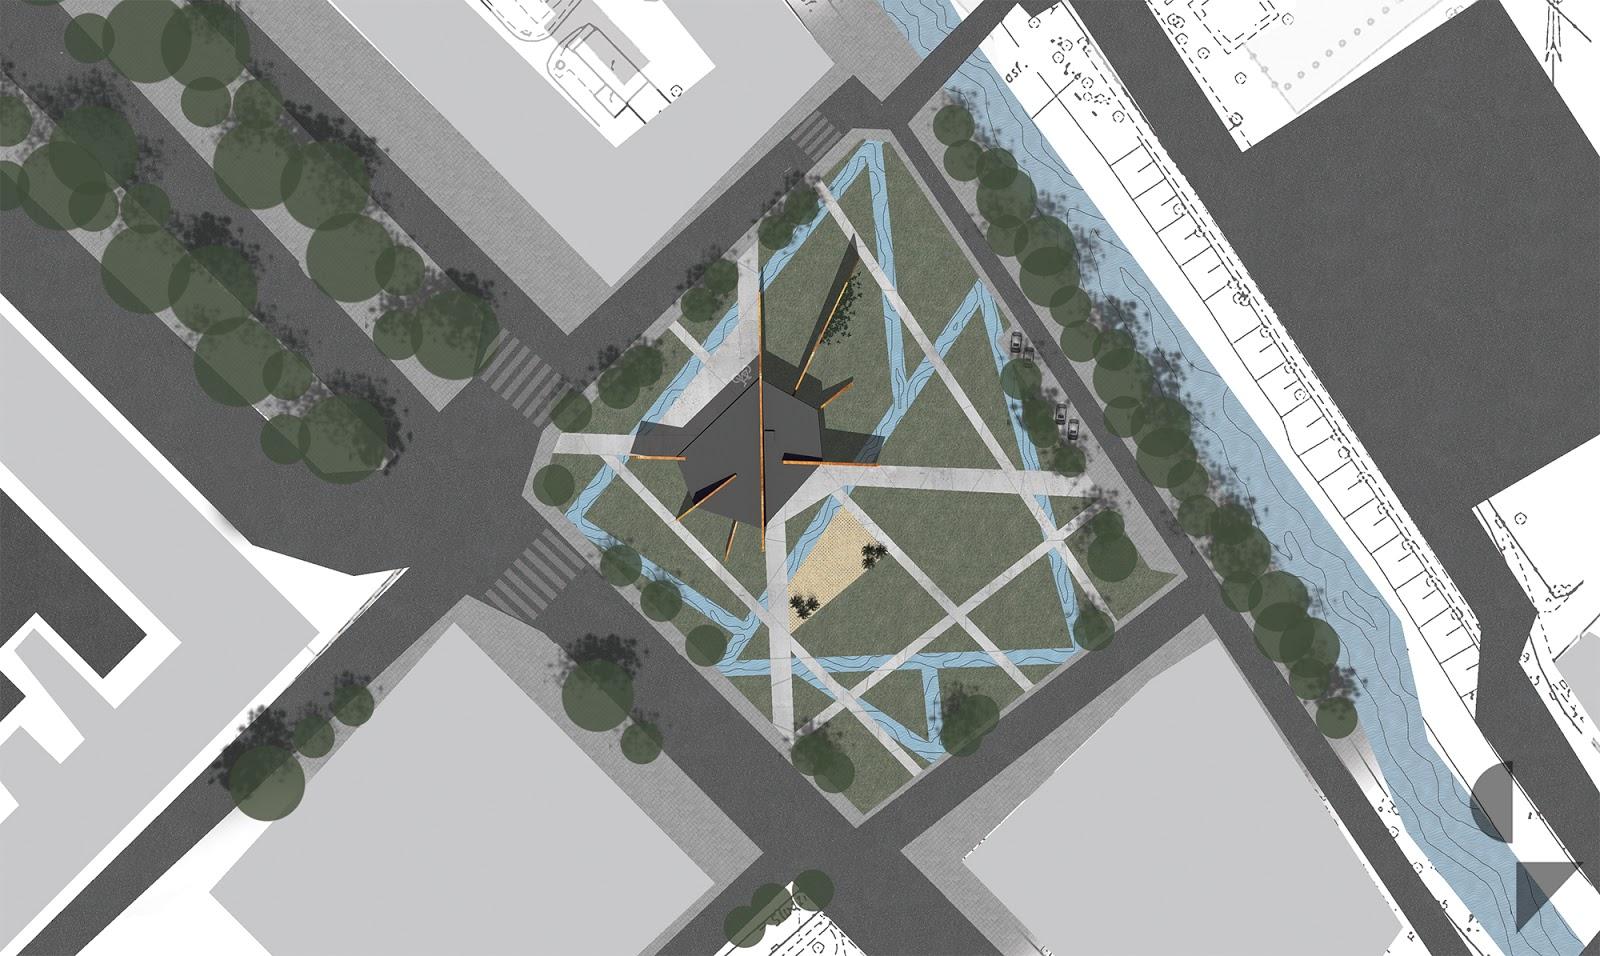 projekt koncepcyjny architektury informacji turystyczne oraz urbanistyka parku